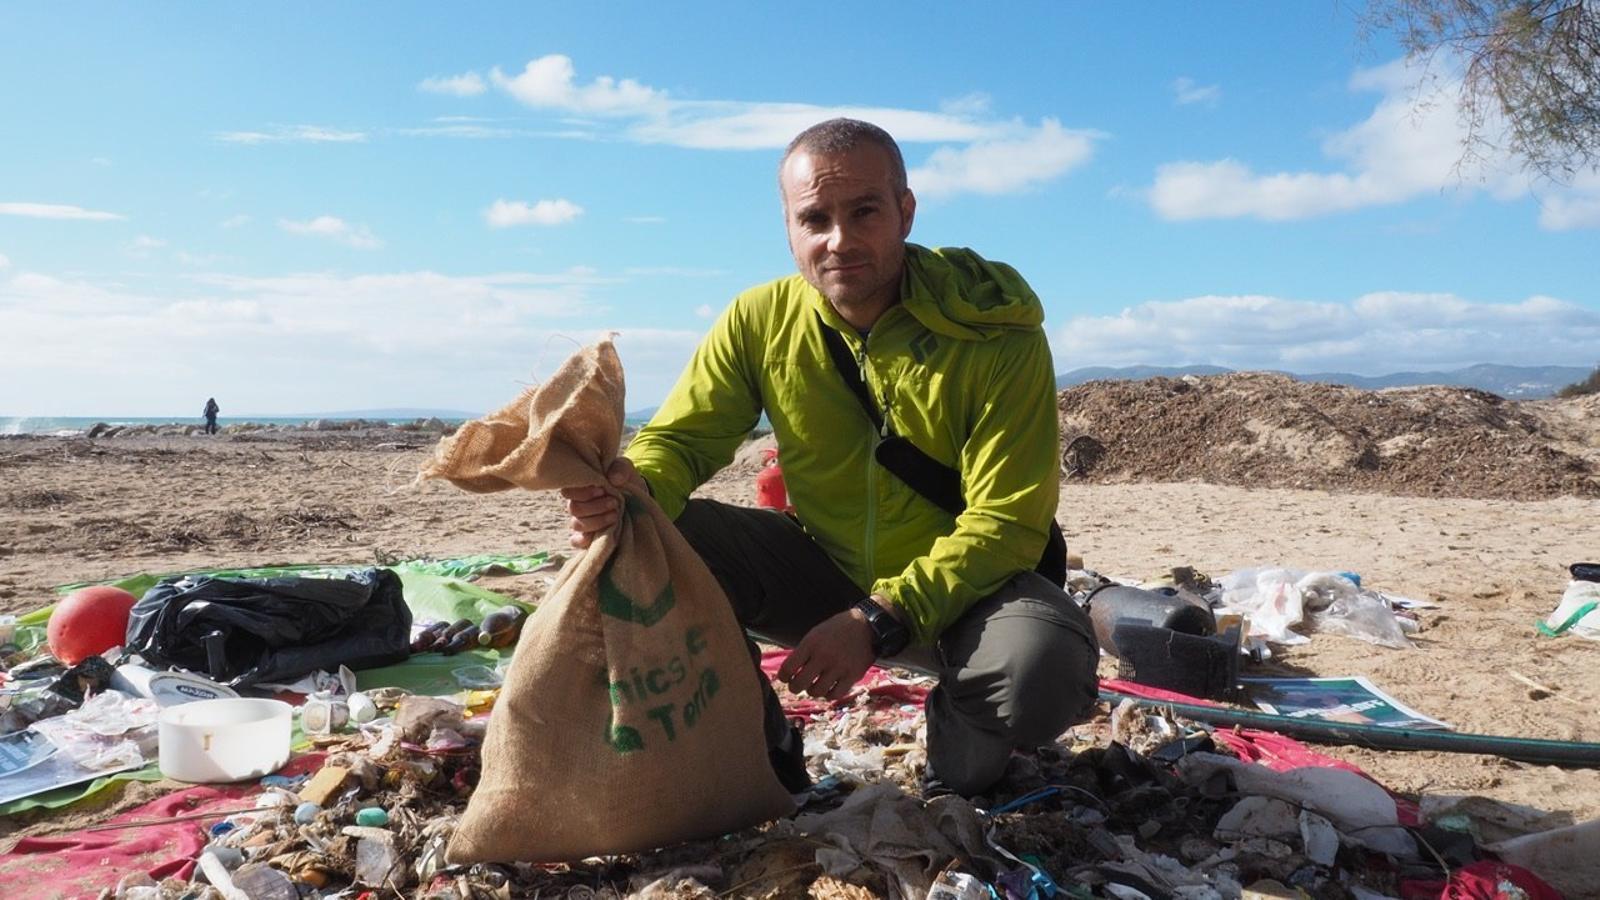 Daniel Gálvez recull productes plàstics abandonats a la platja.